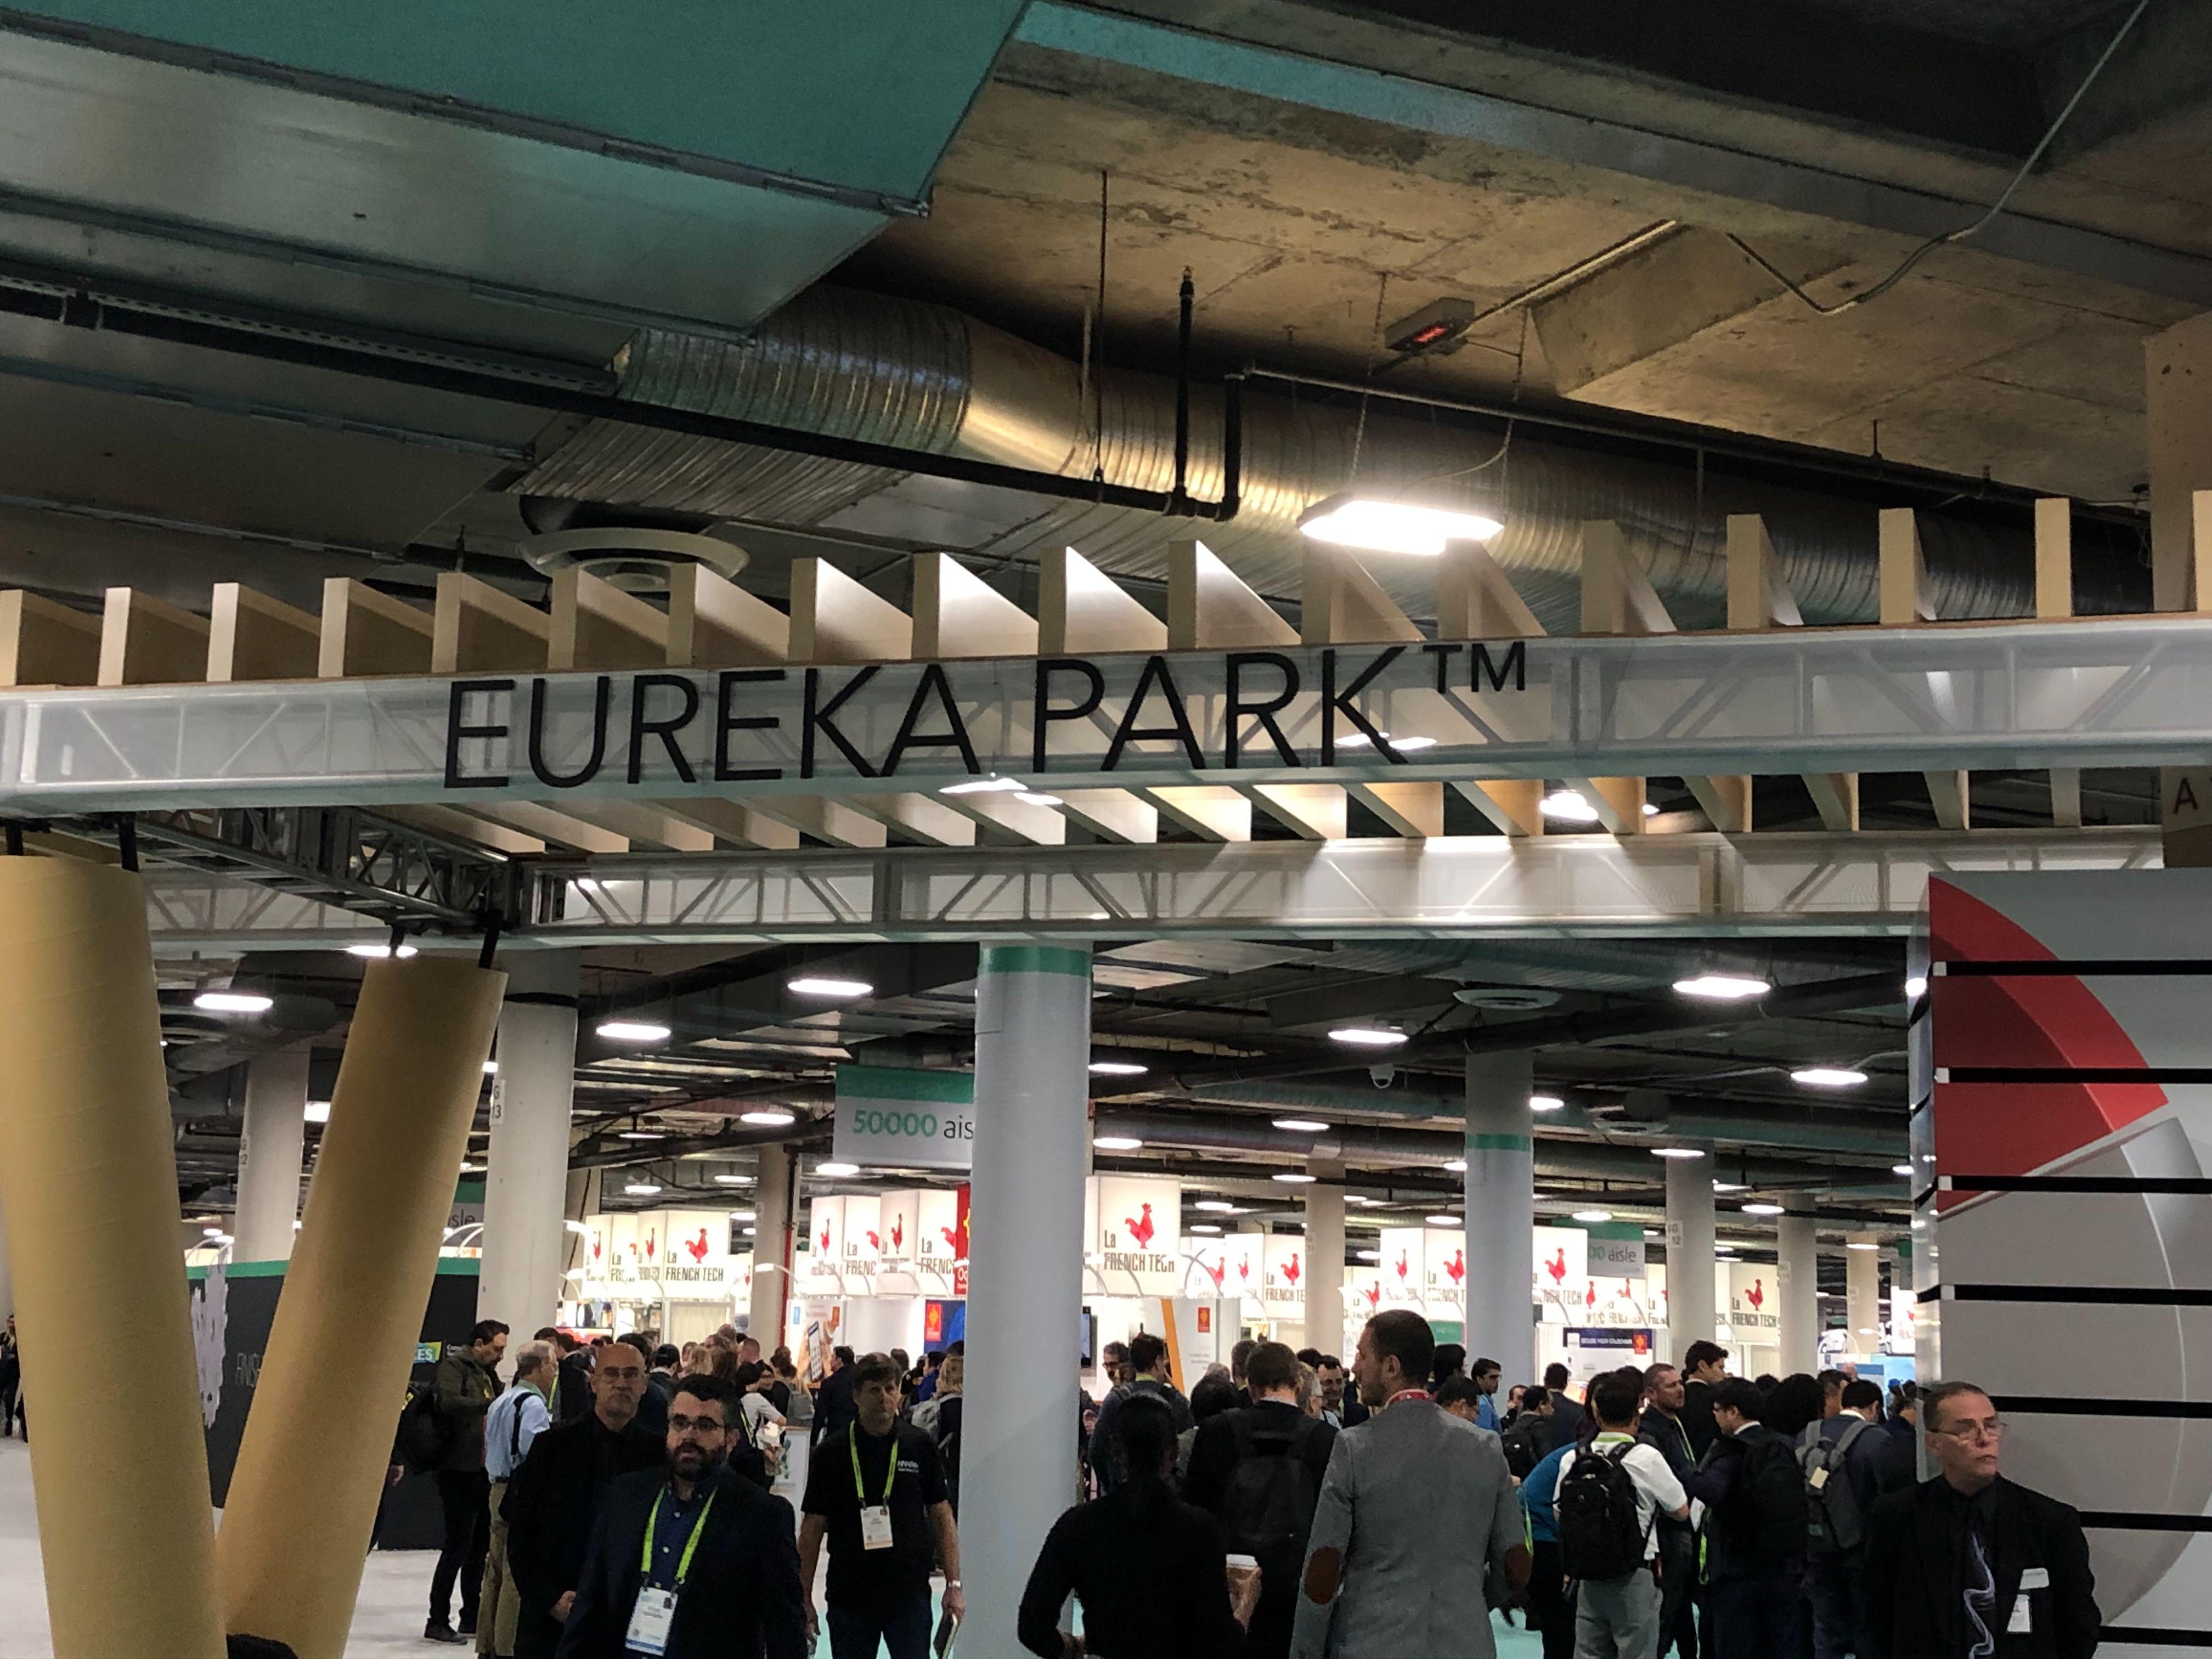 CES 2019 Eureka Park 新創展區 台灣與國際團隊亮點搶先看